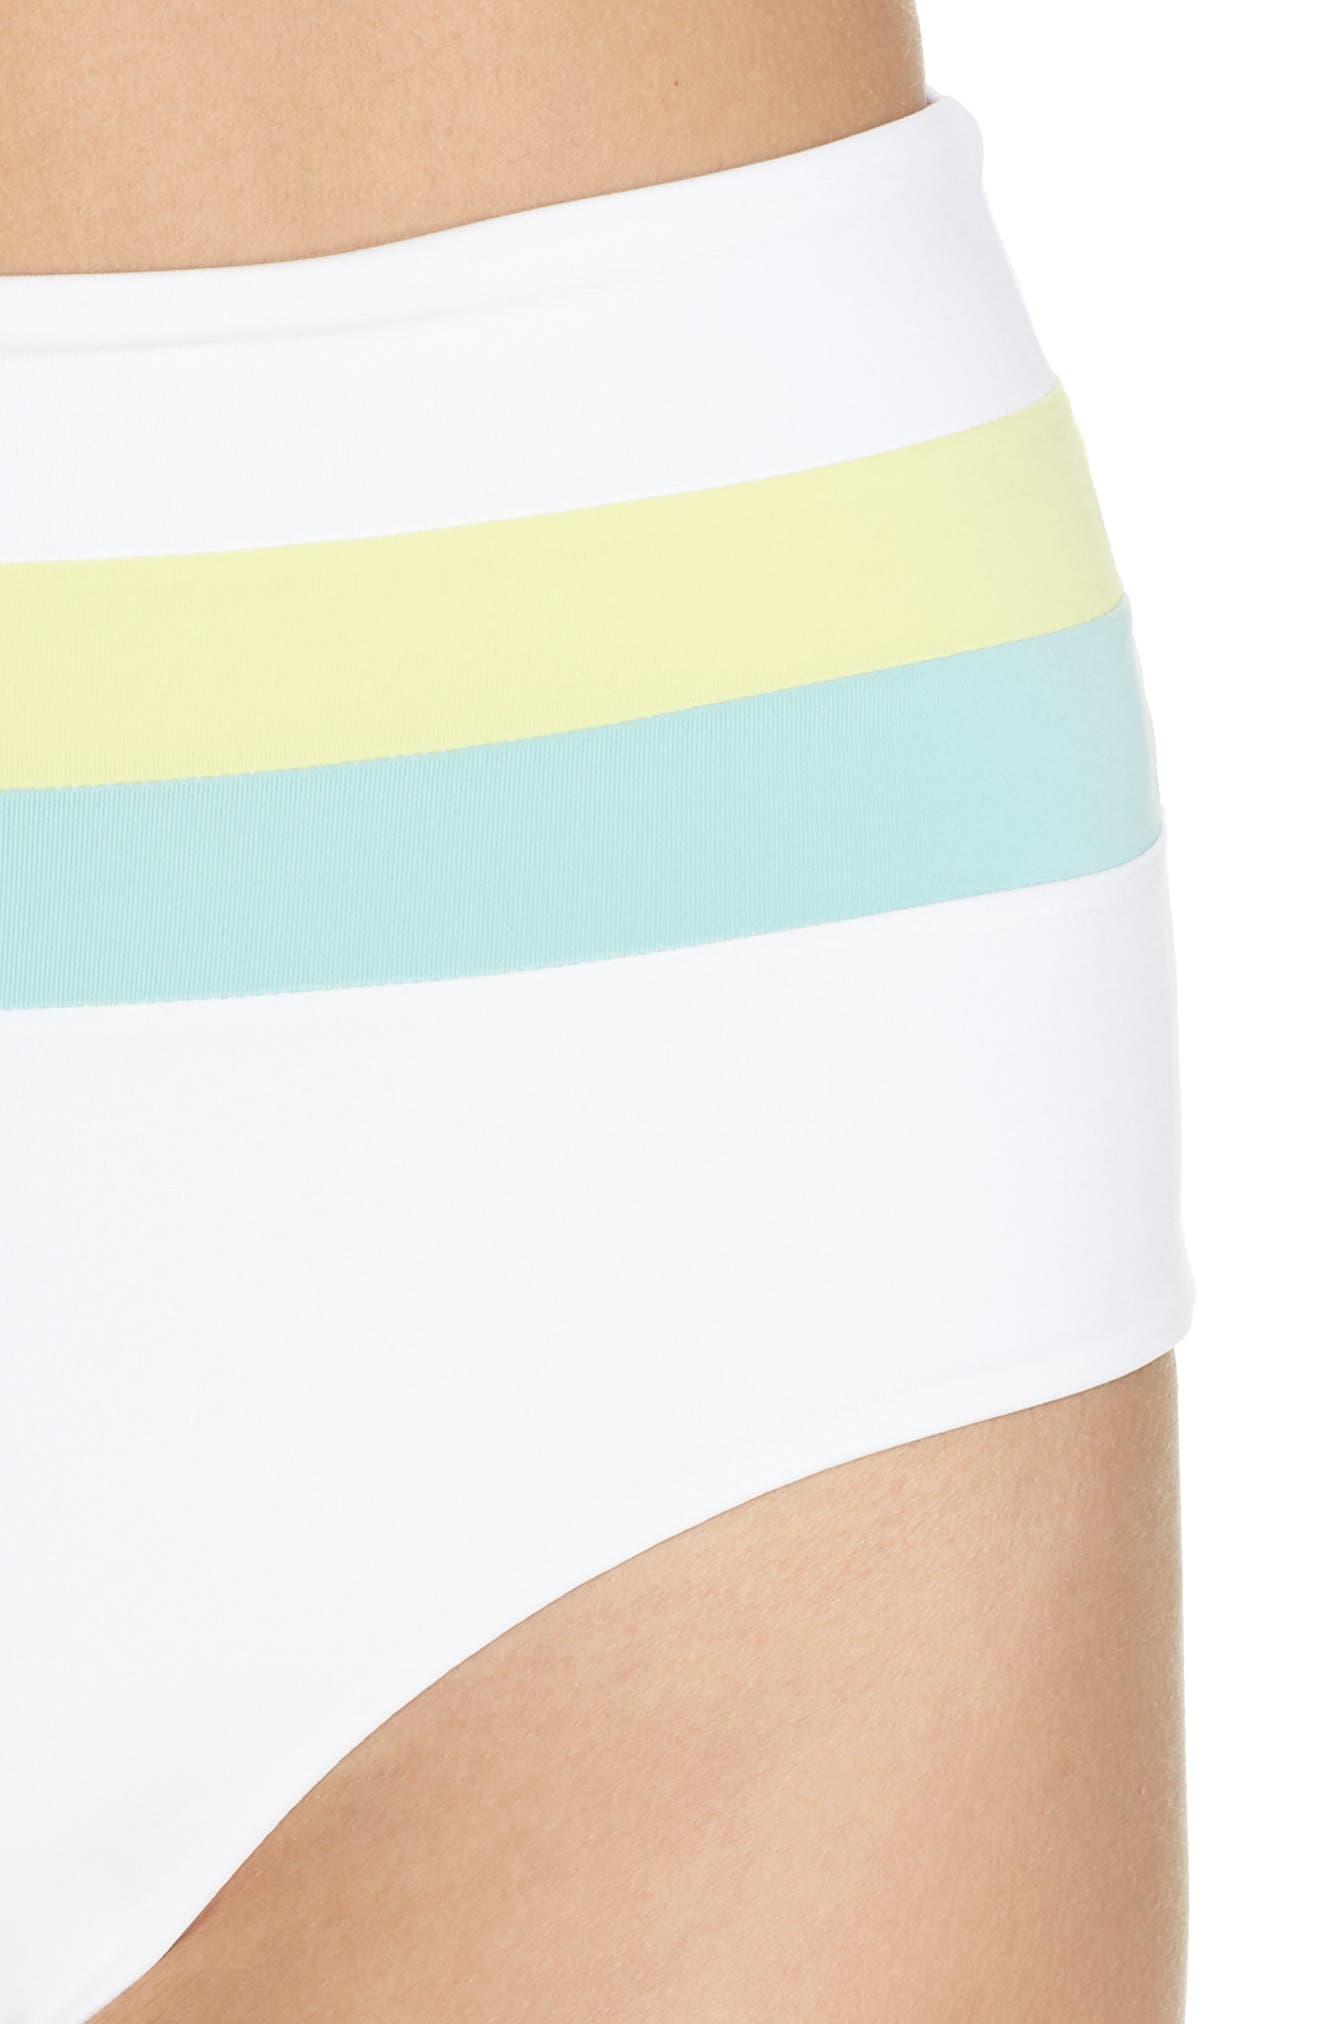 L SPACE, Portia Reversible High Waist Bikini Bottoms, Alternate thumbnail 5, color, WHITE/ LIGHT TURQ/ LEMONADE